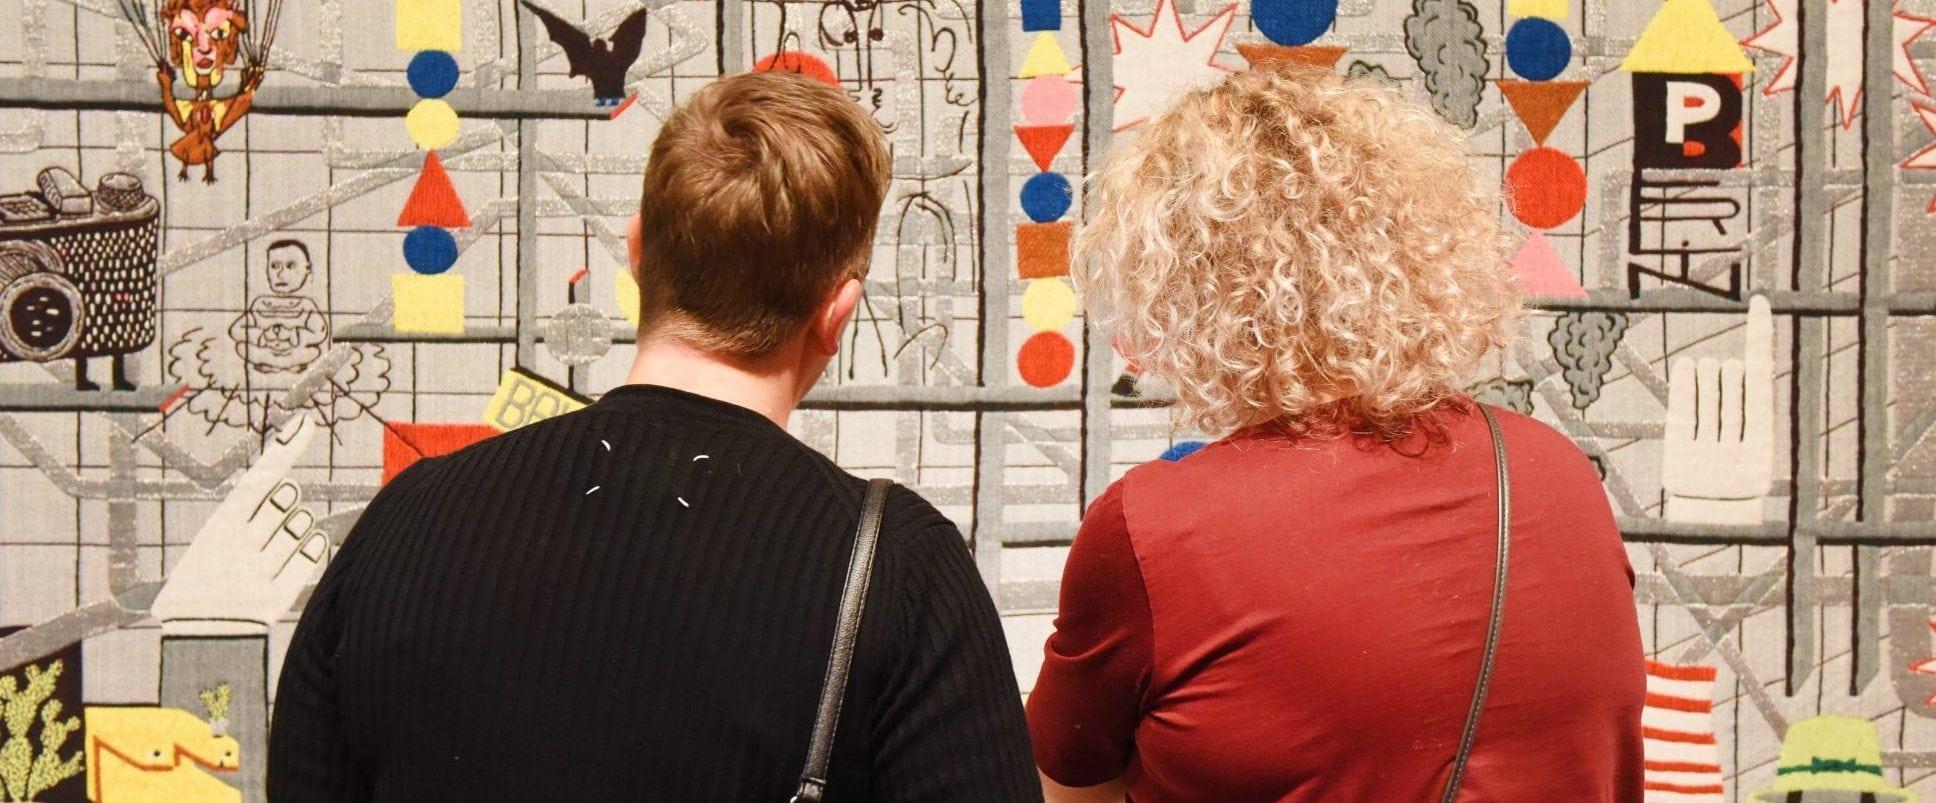 Bezoekers bij het werk van Koen Taselaar